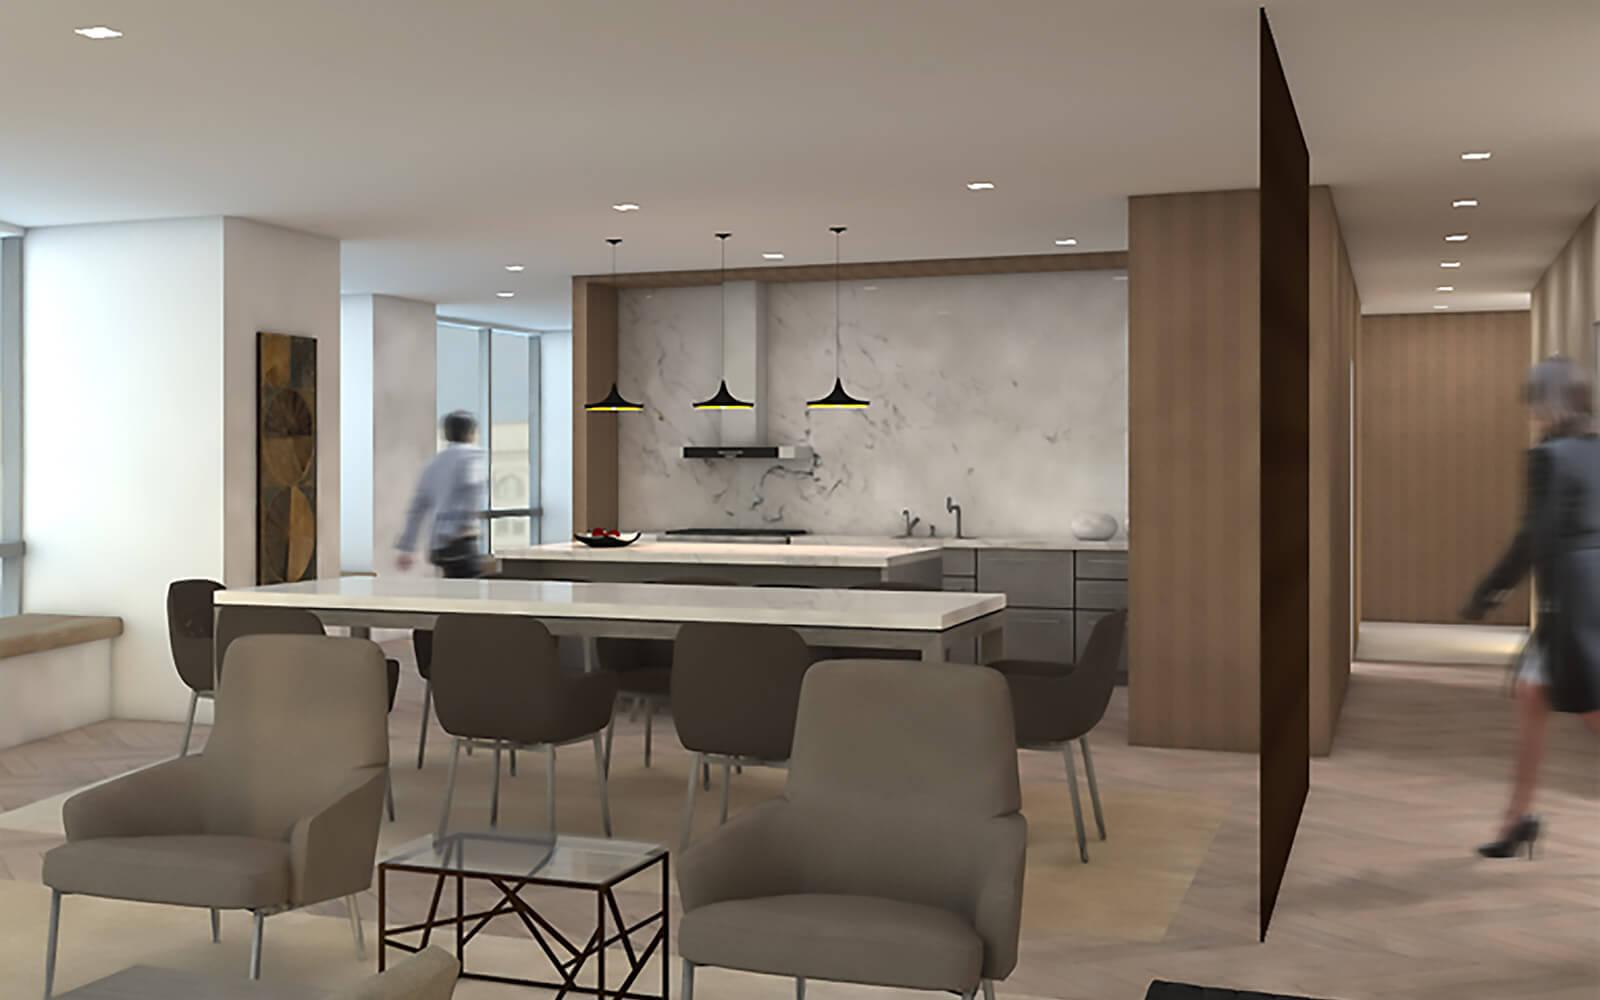 studio vara residential four seasons dining area rendering